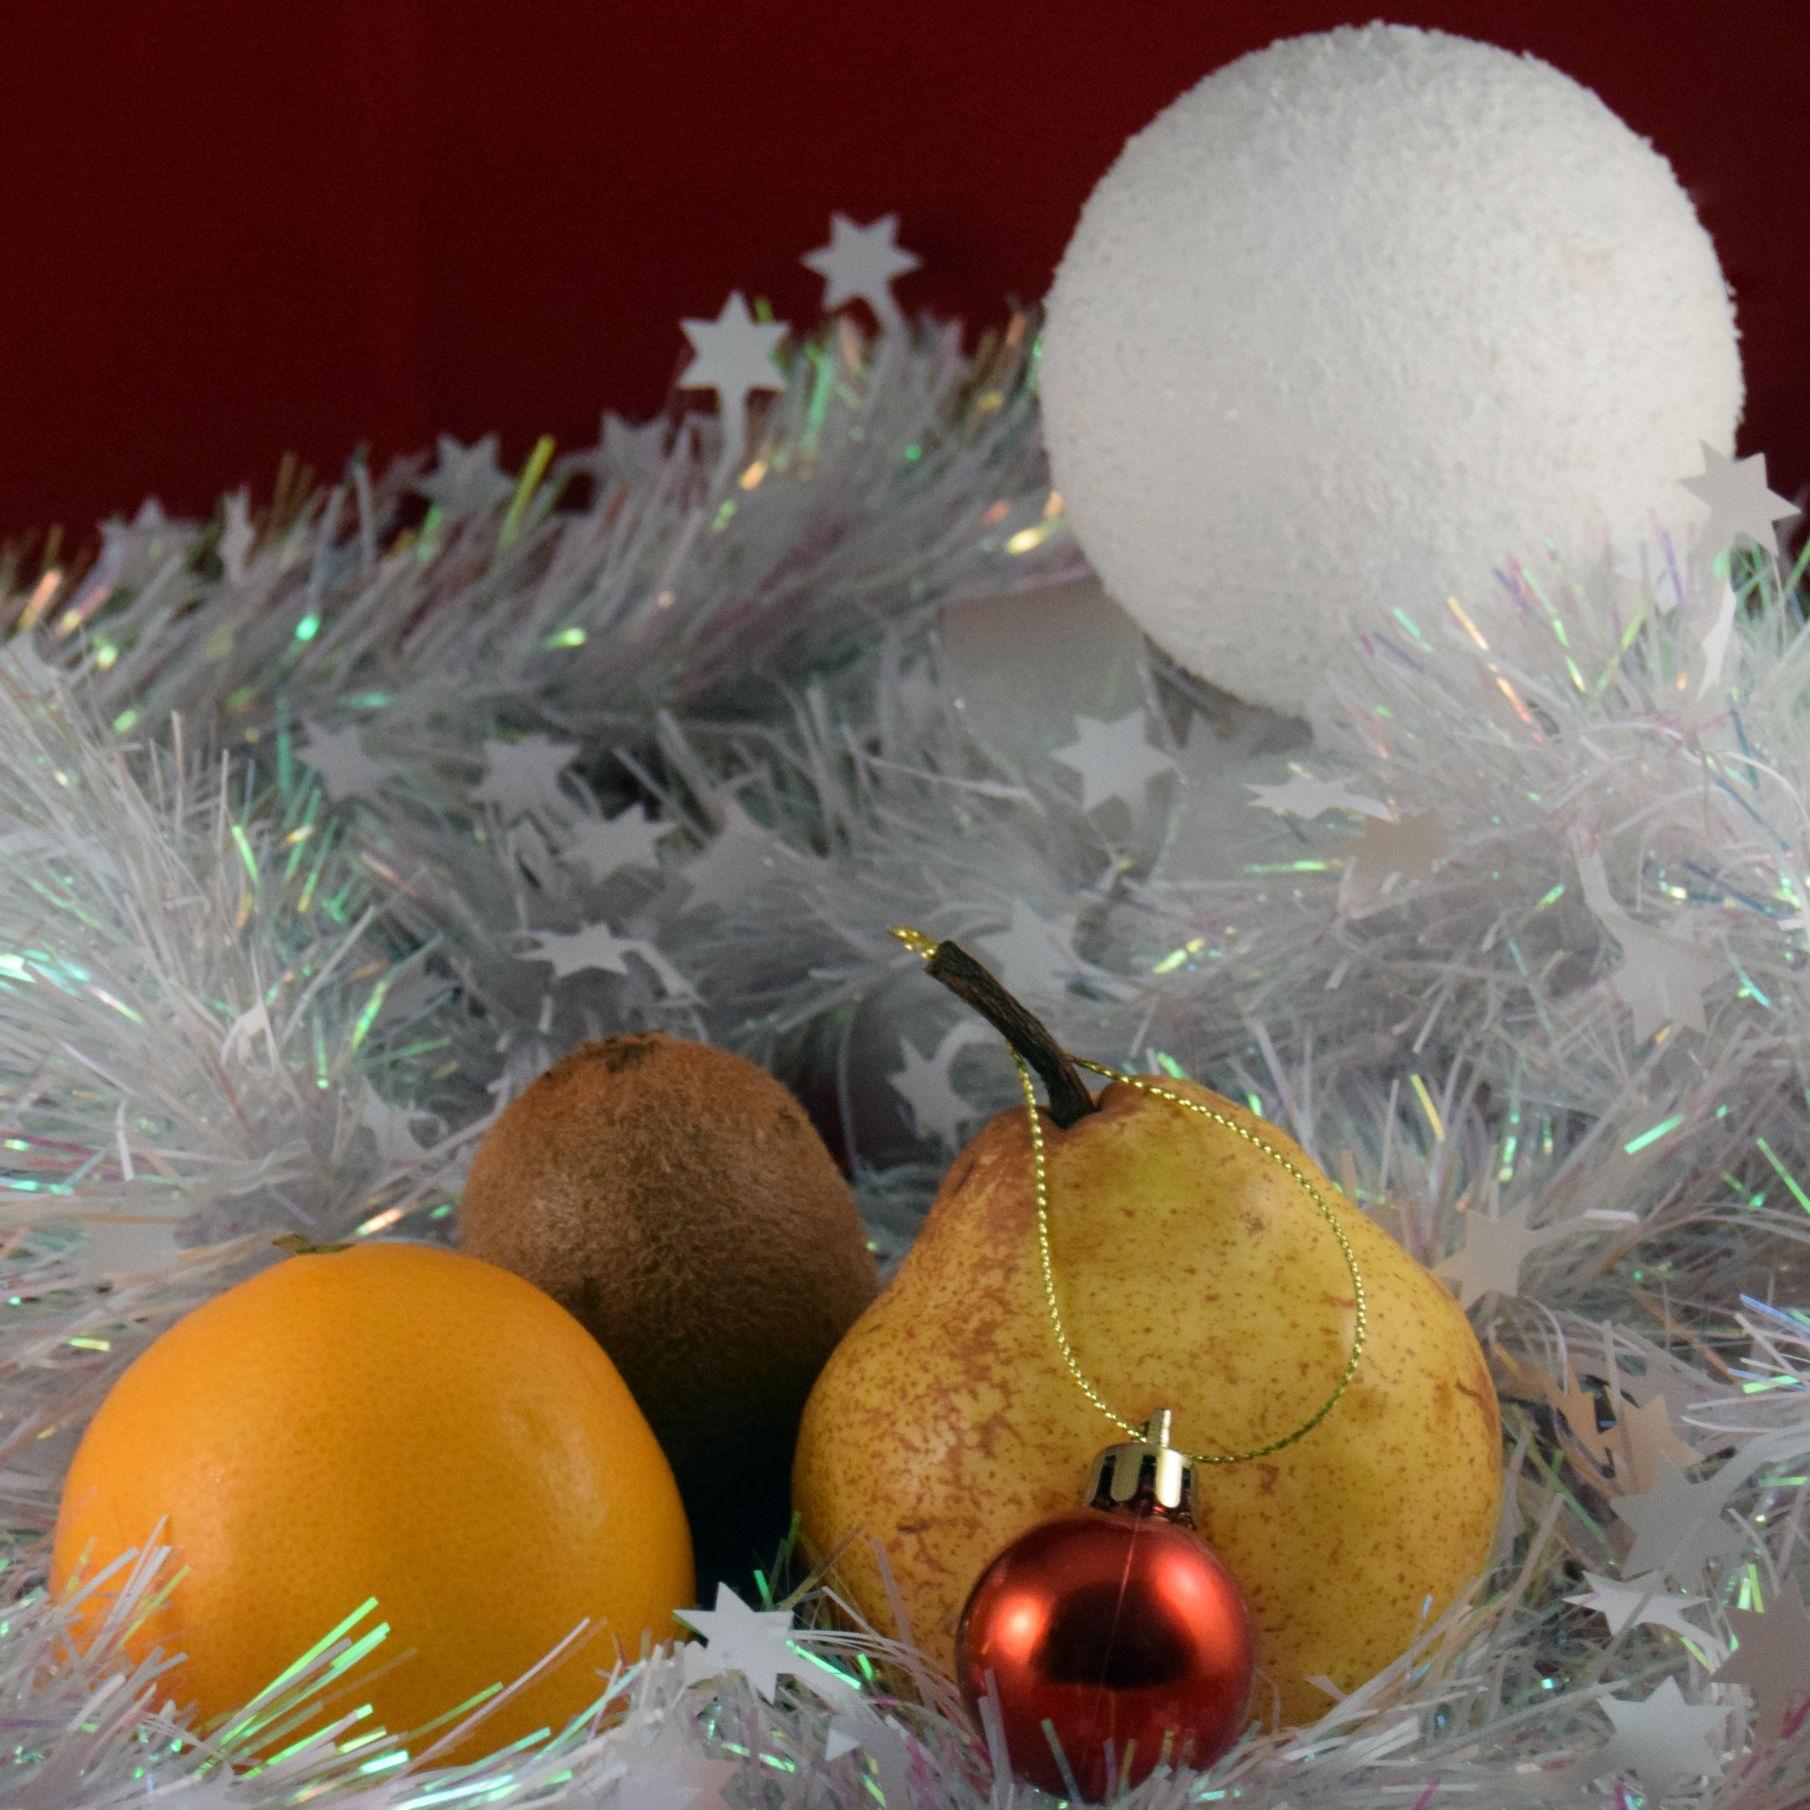 Poire, kiwi et orange de Noël